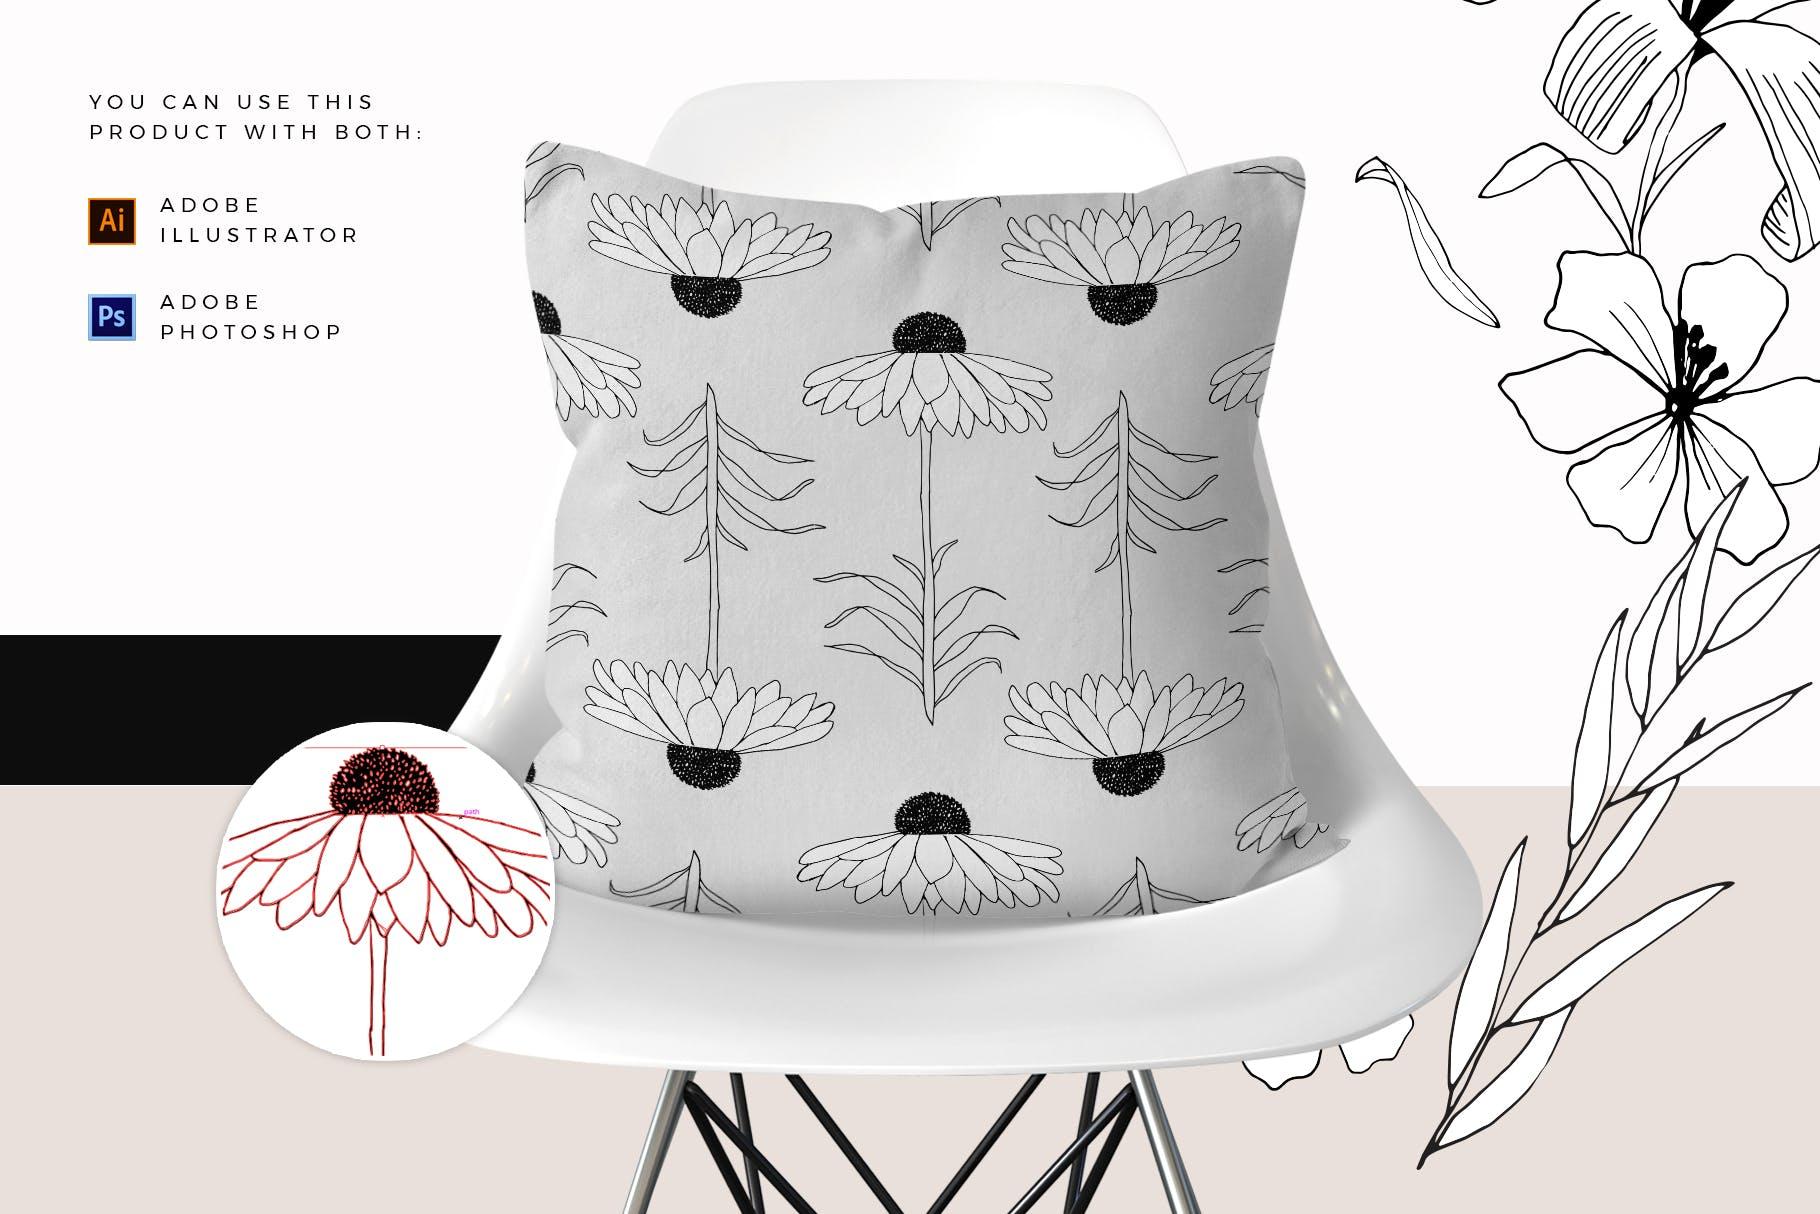 图形花卉图案装饰性元素图案花纹素材下载Graphic Flowers Patterns Elements插图(2)